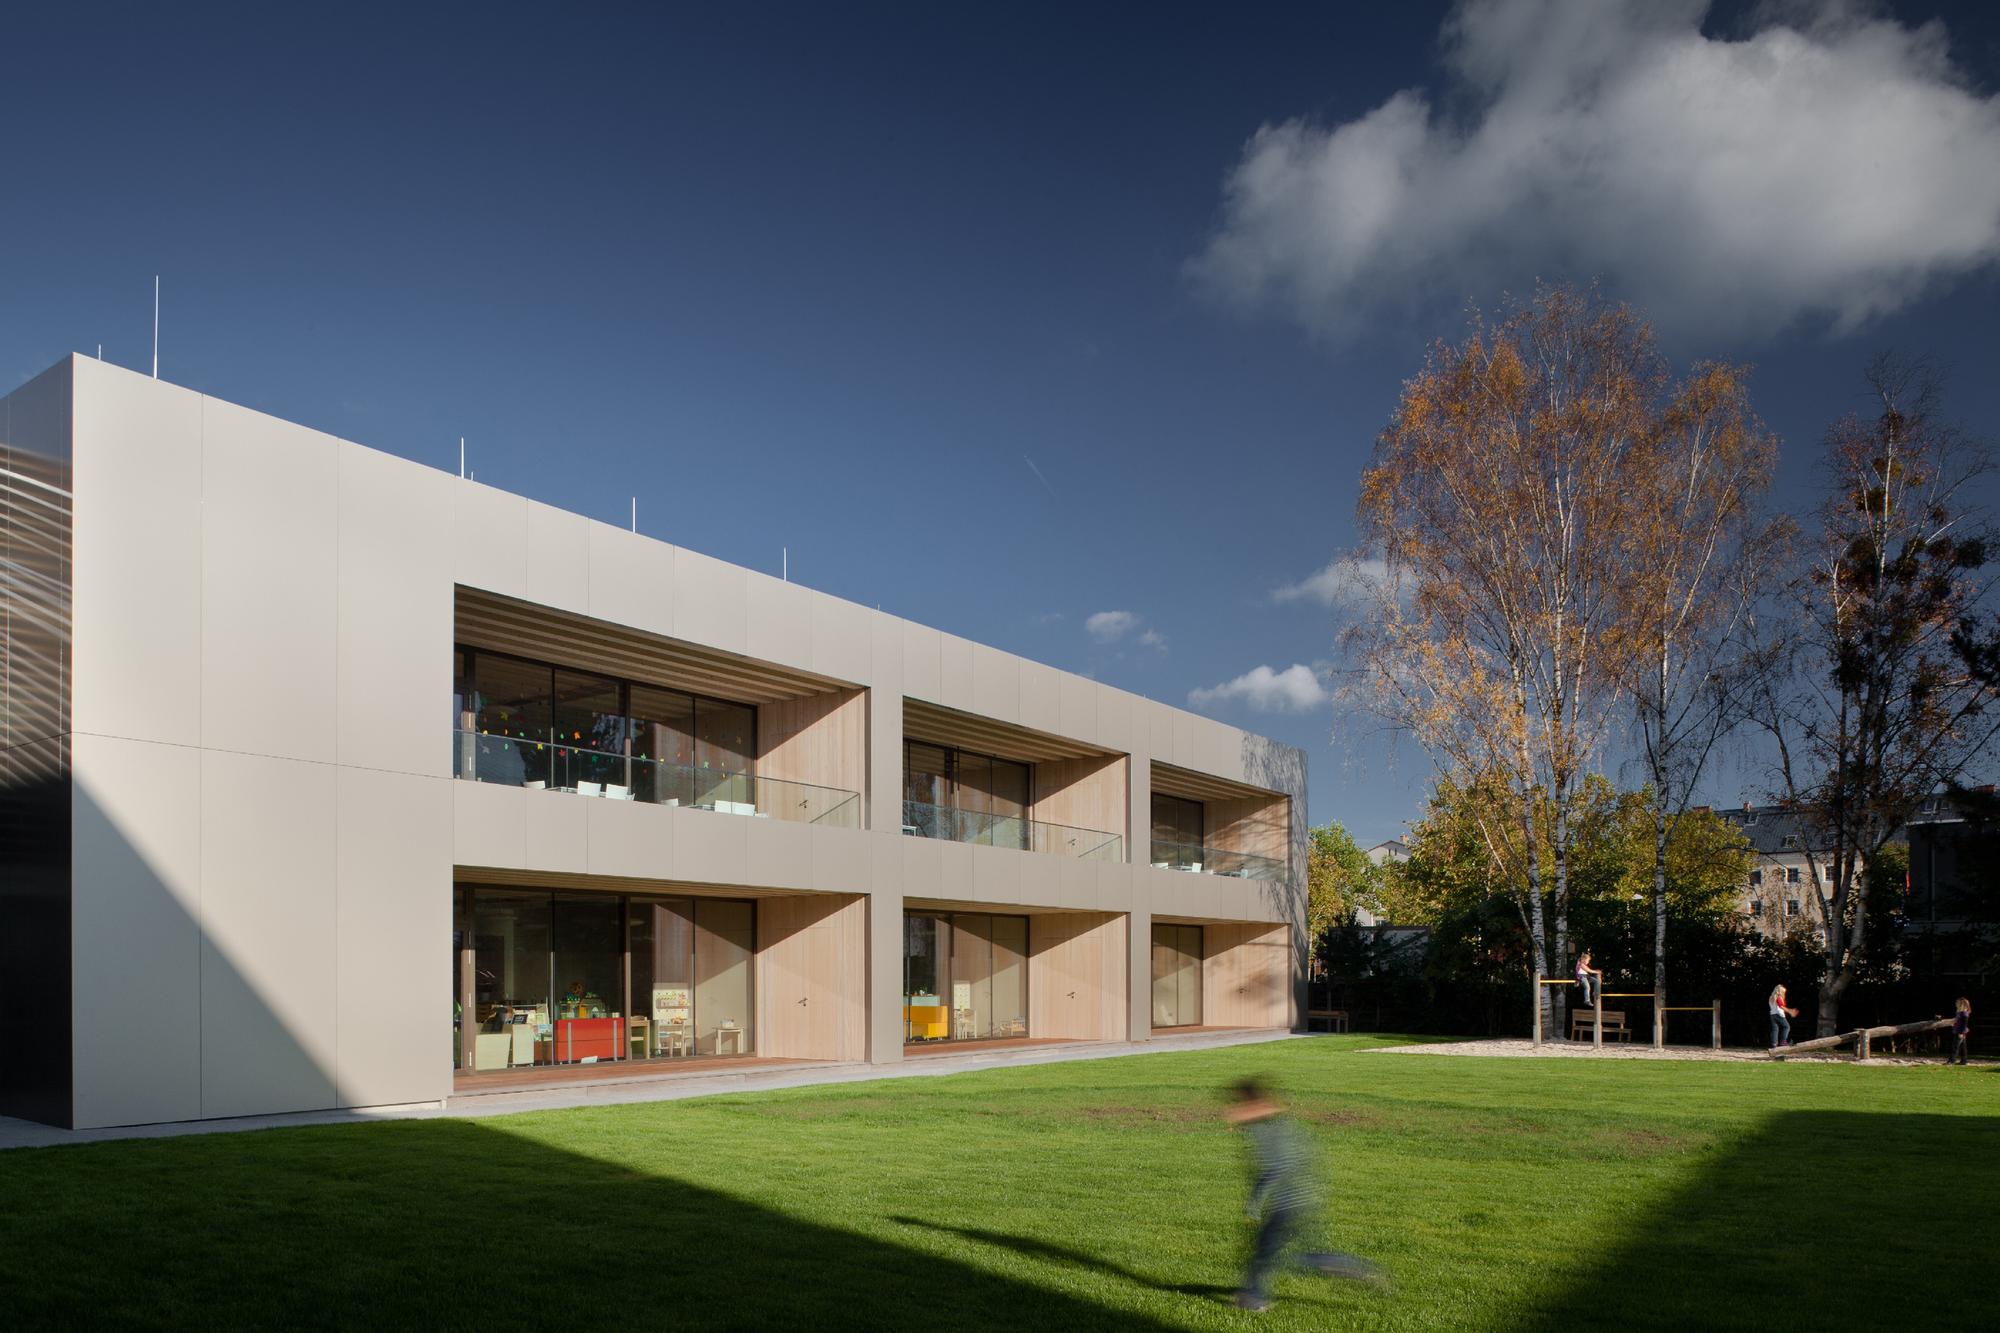 Robinson-School Linz / Schneider & Lengauer, © Kurt Hoerbst